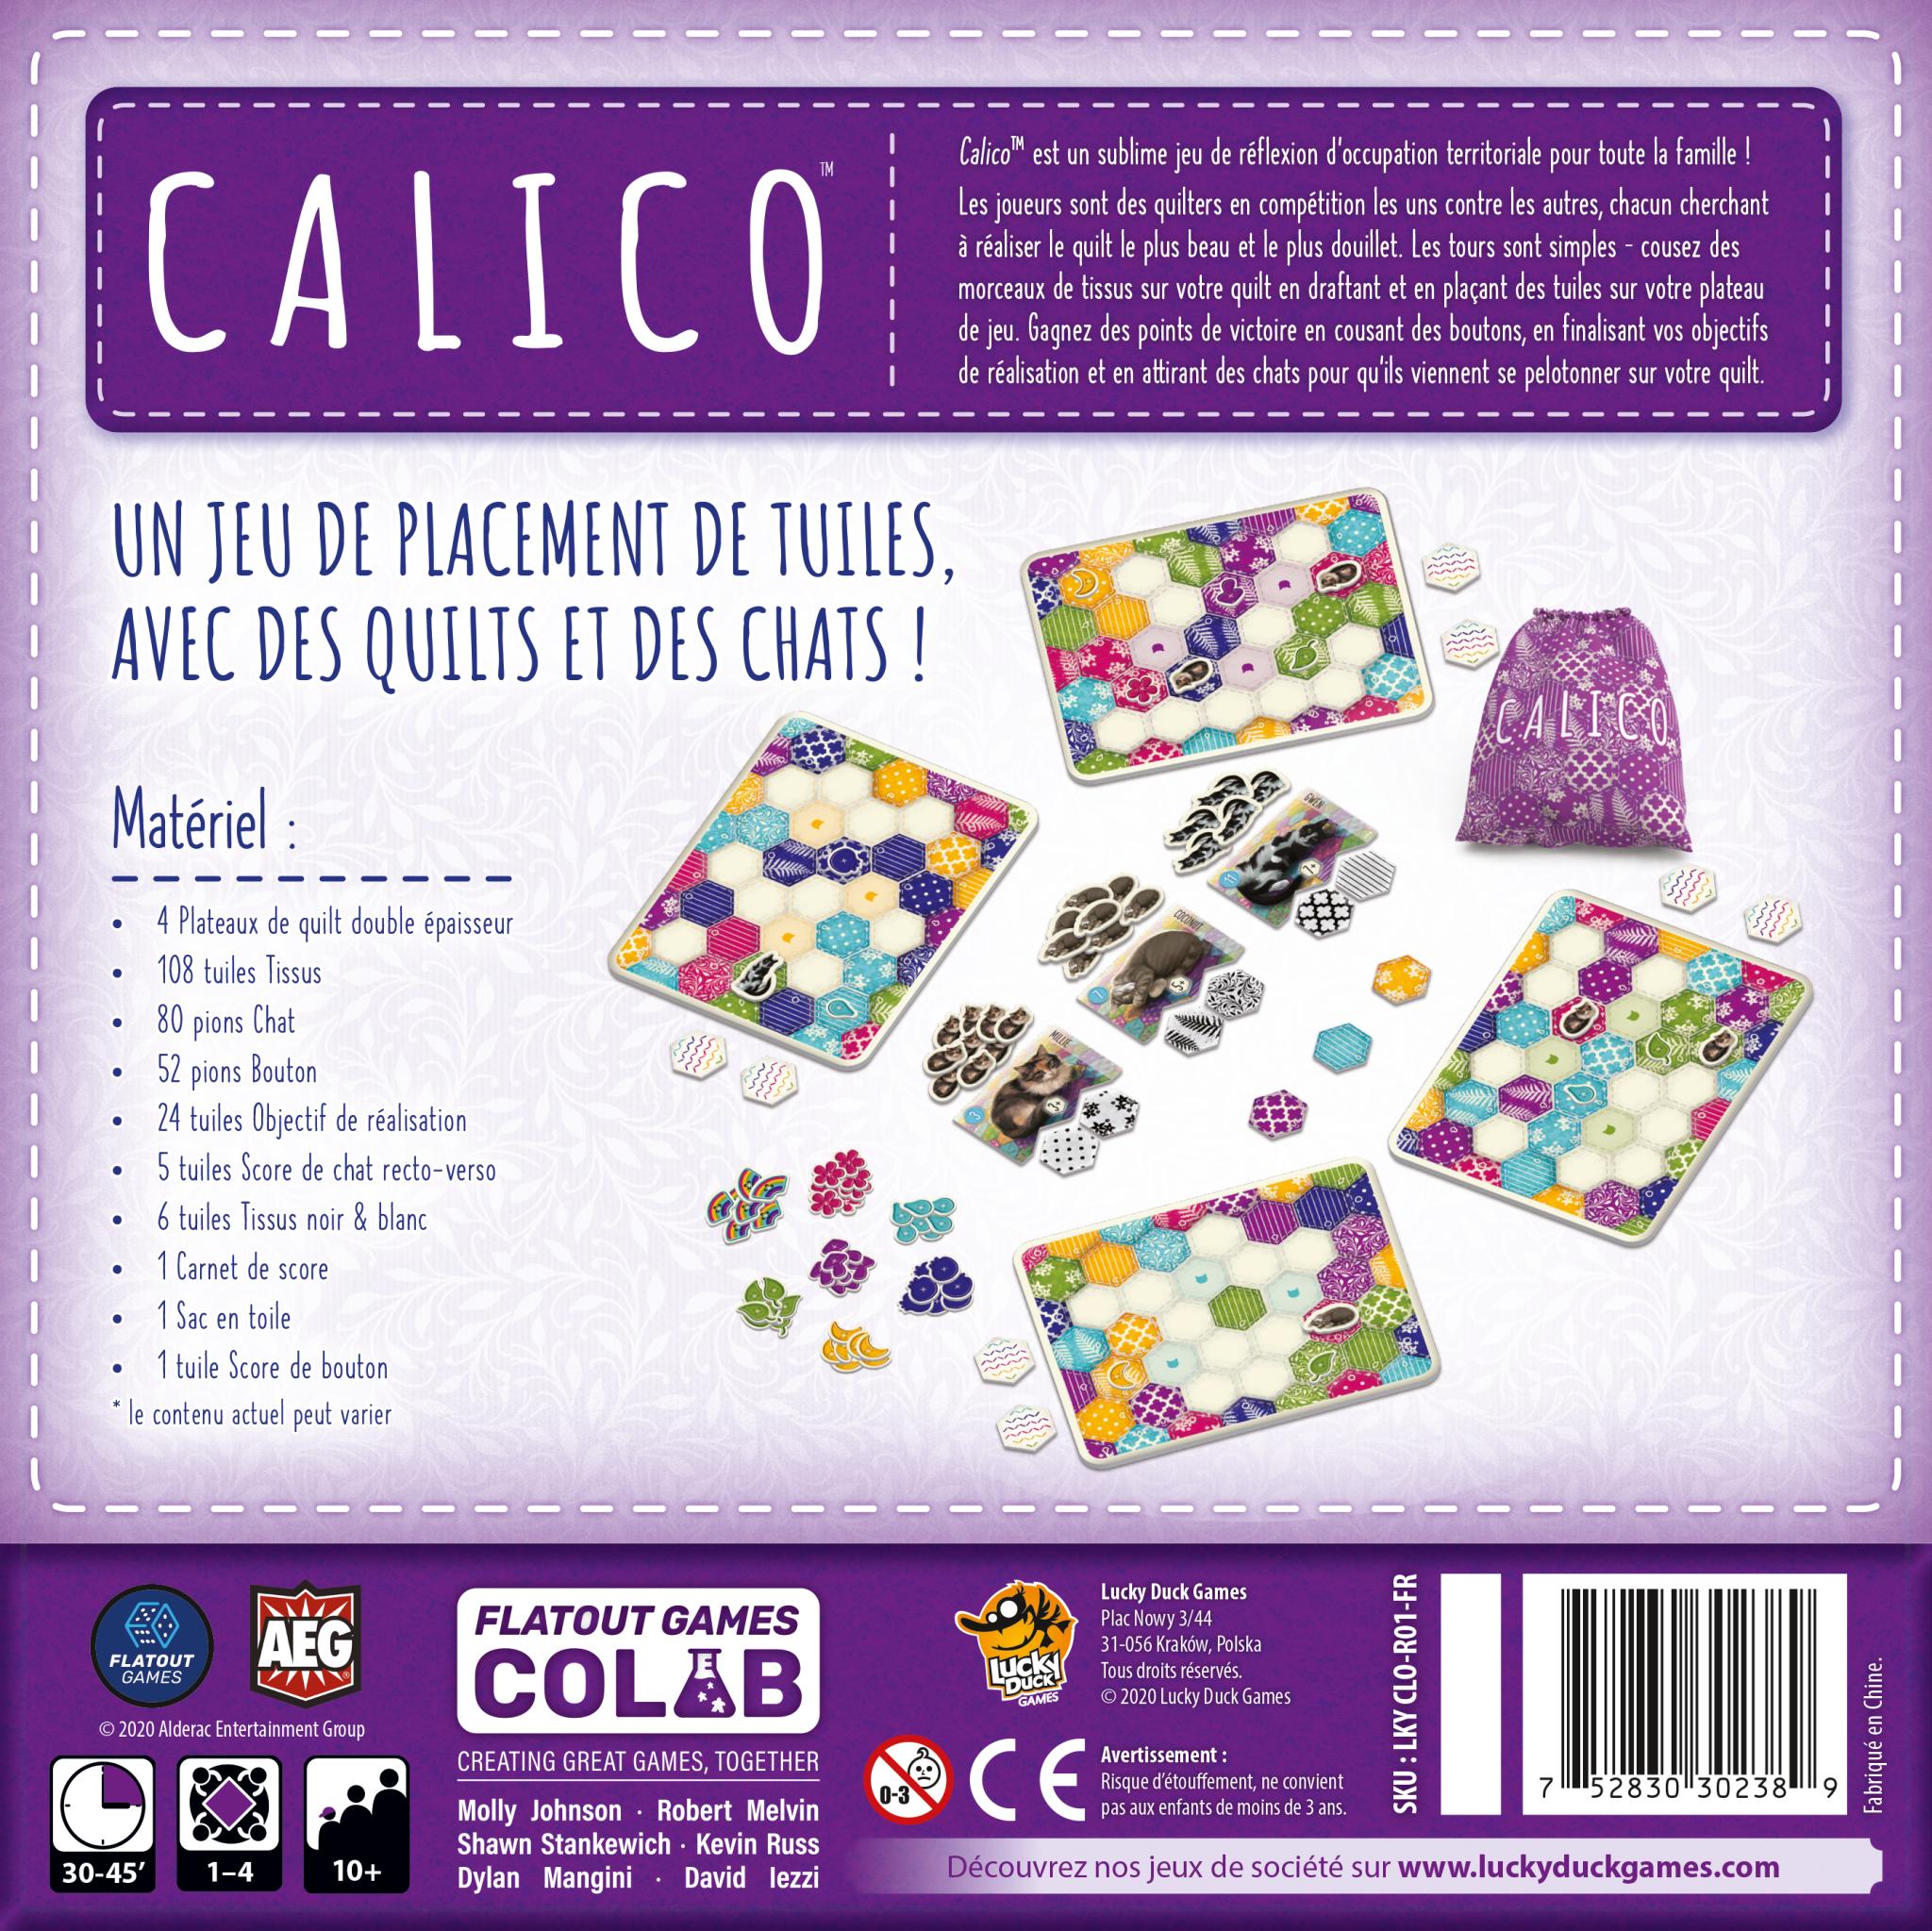 Calico (FR)